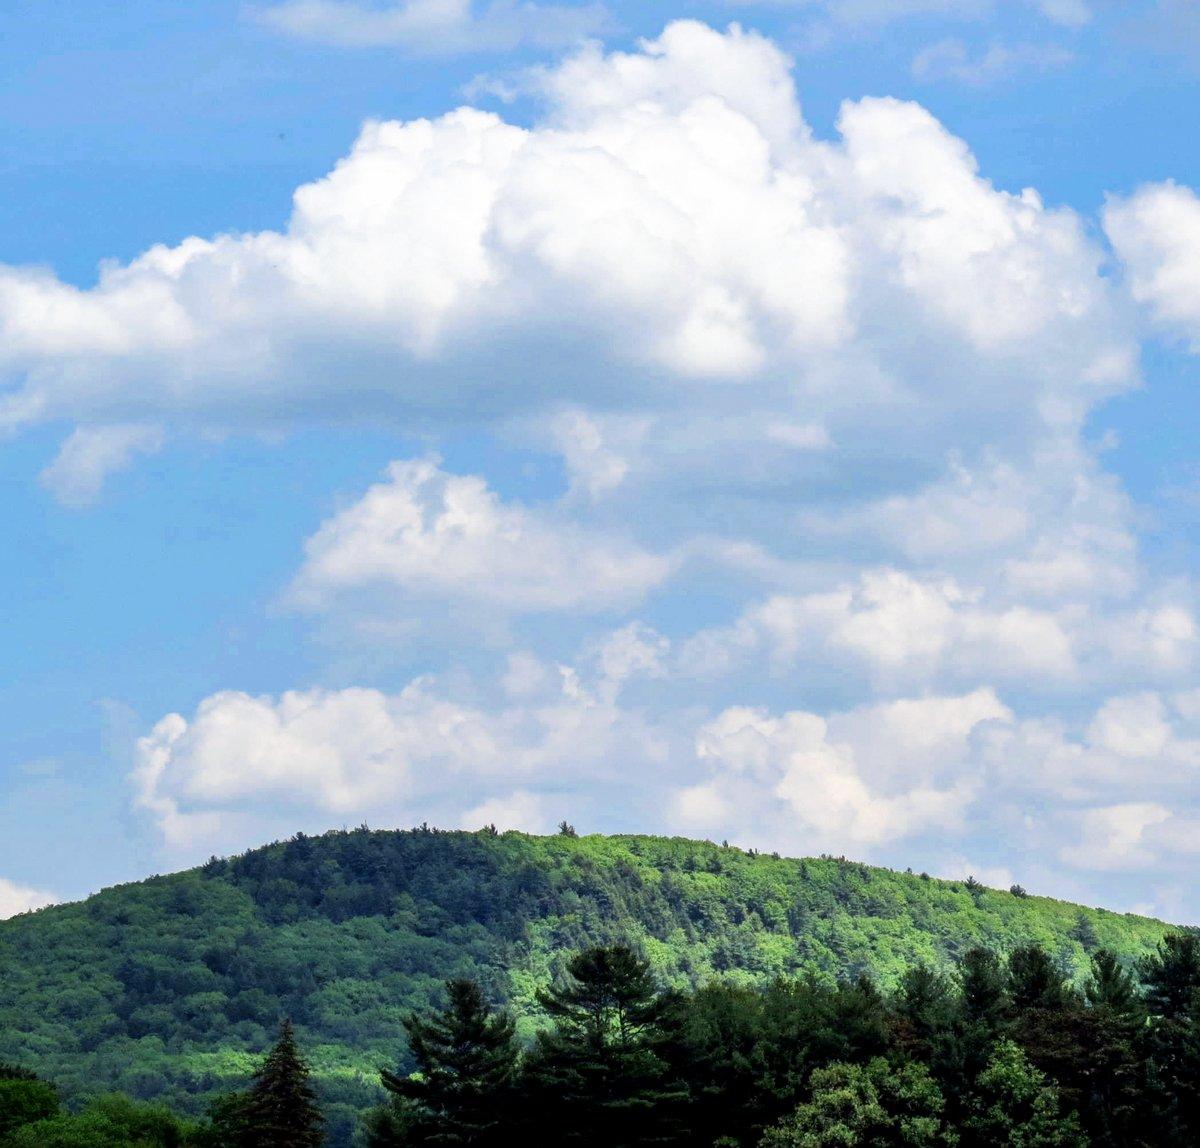 13. Clouds